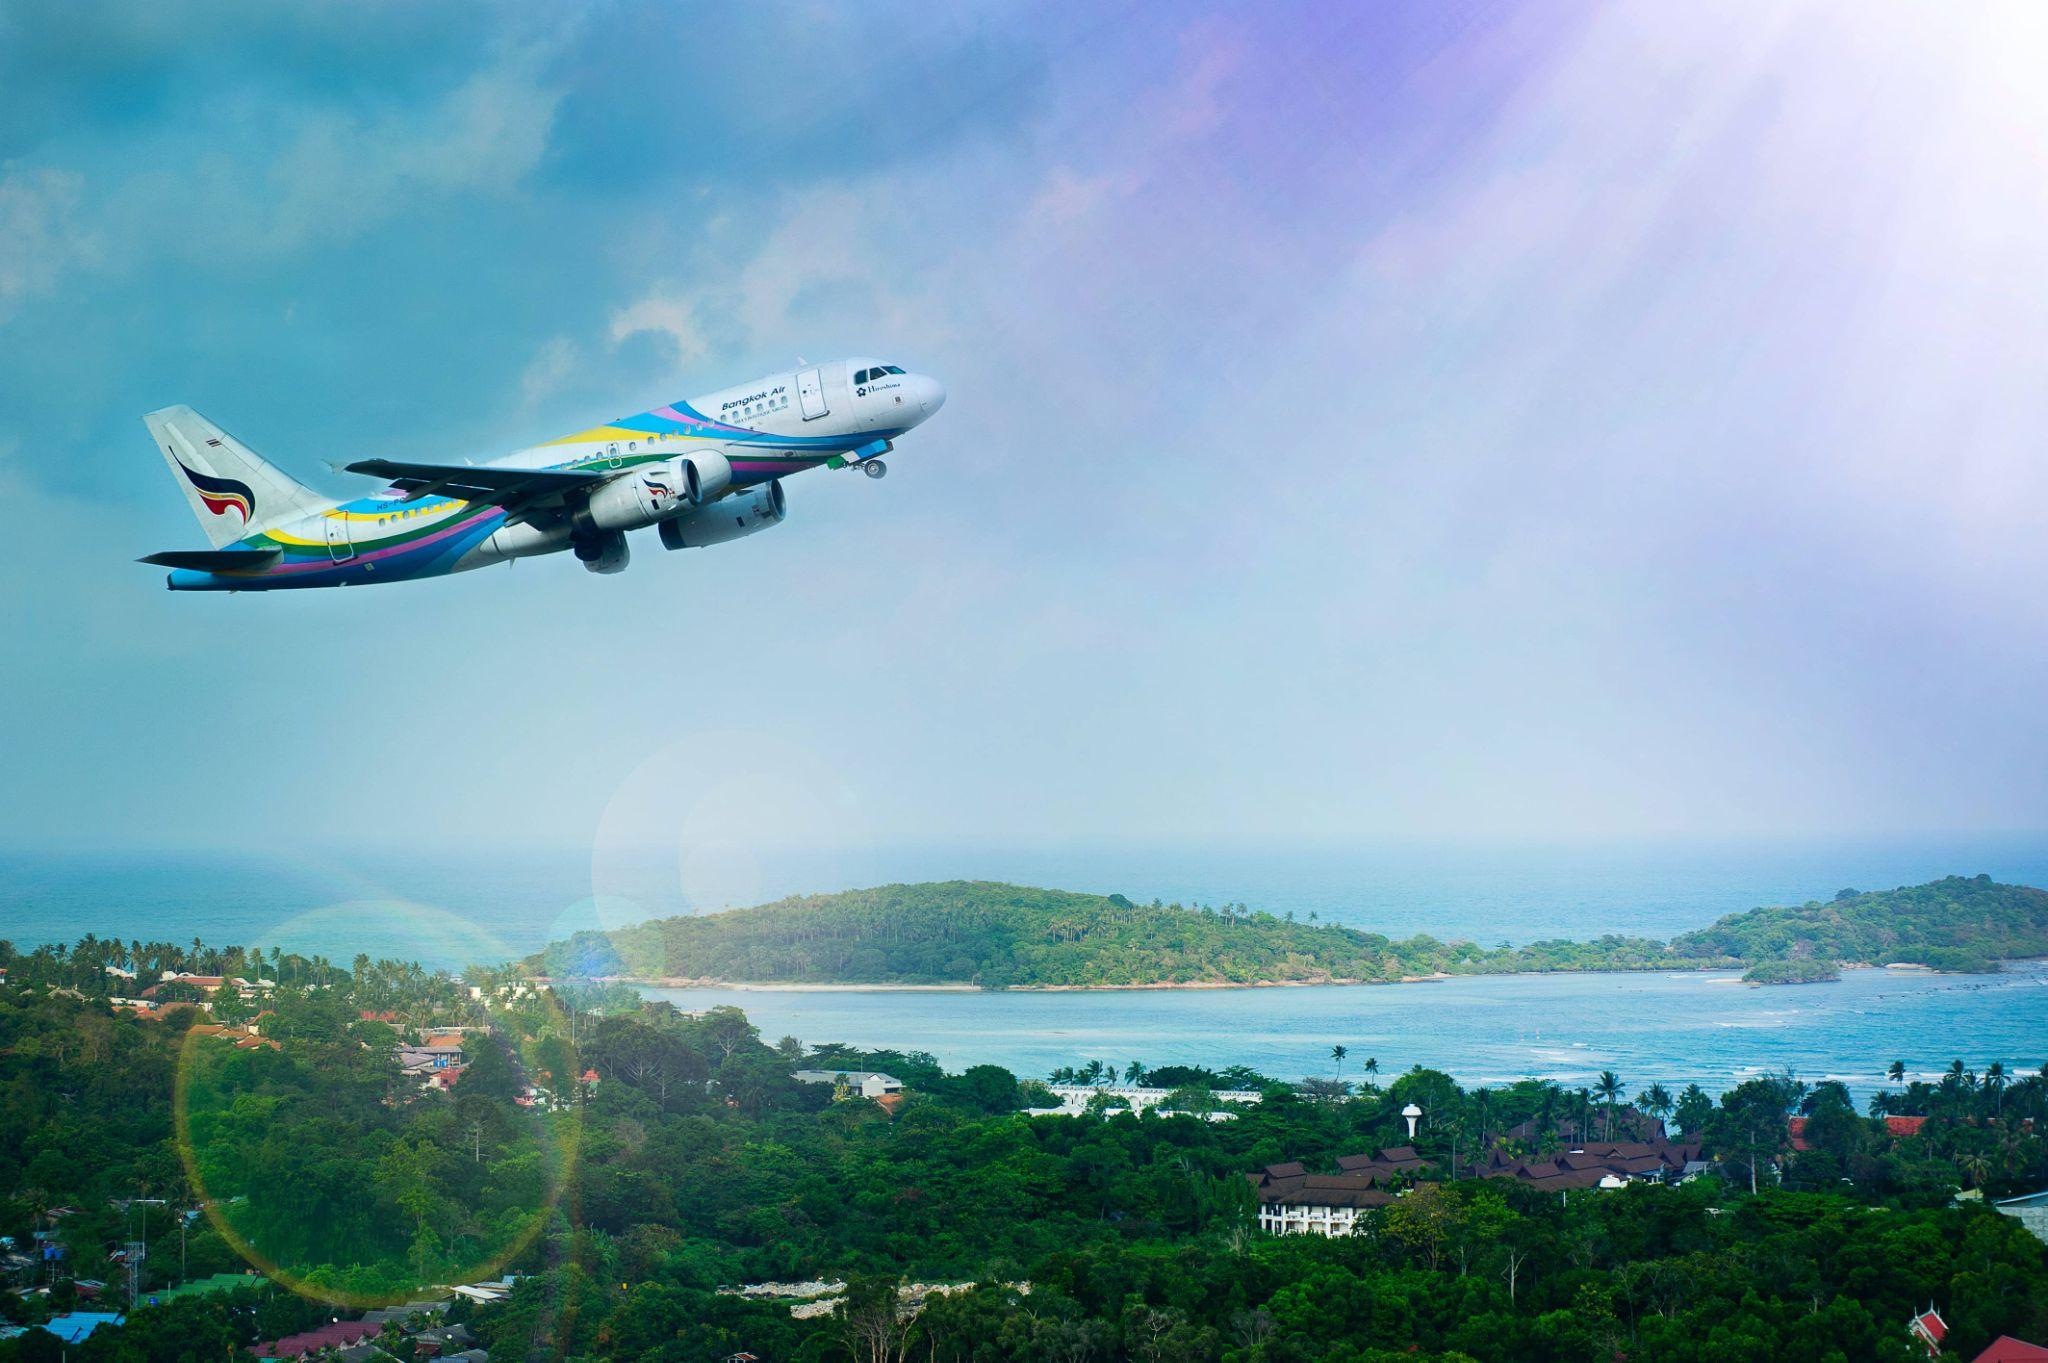 aereo-che-vola-in-cielo